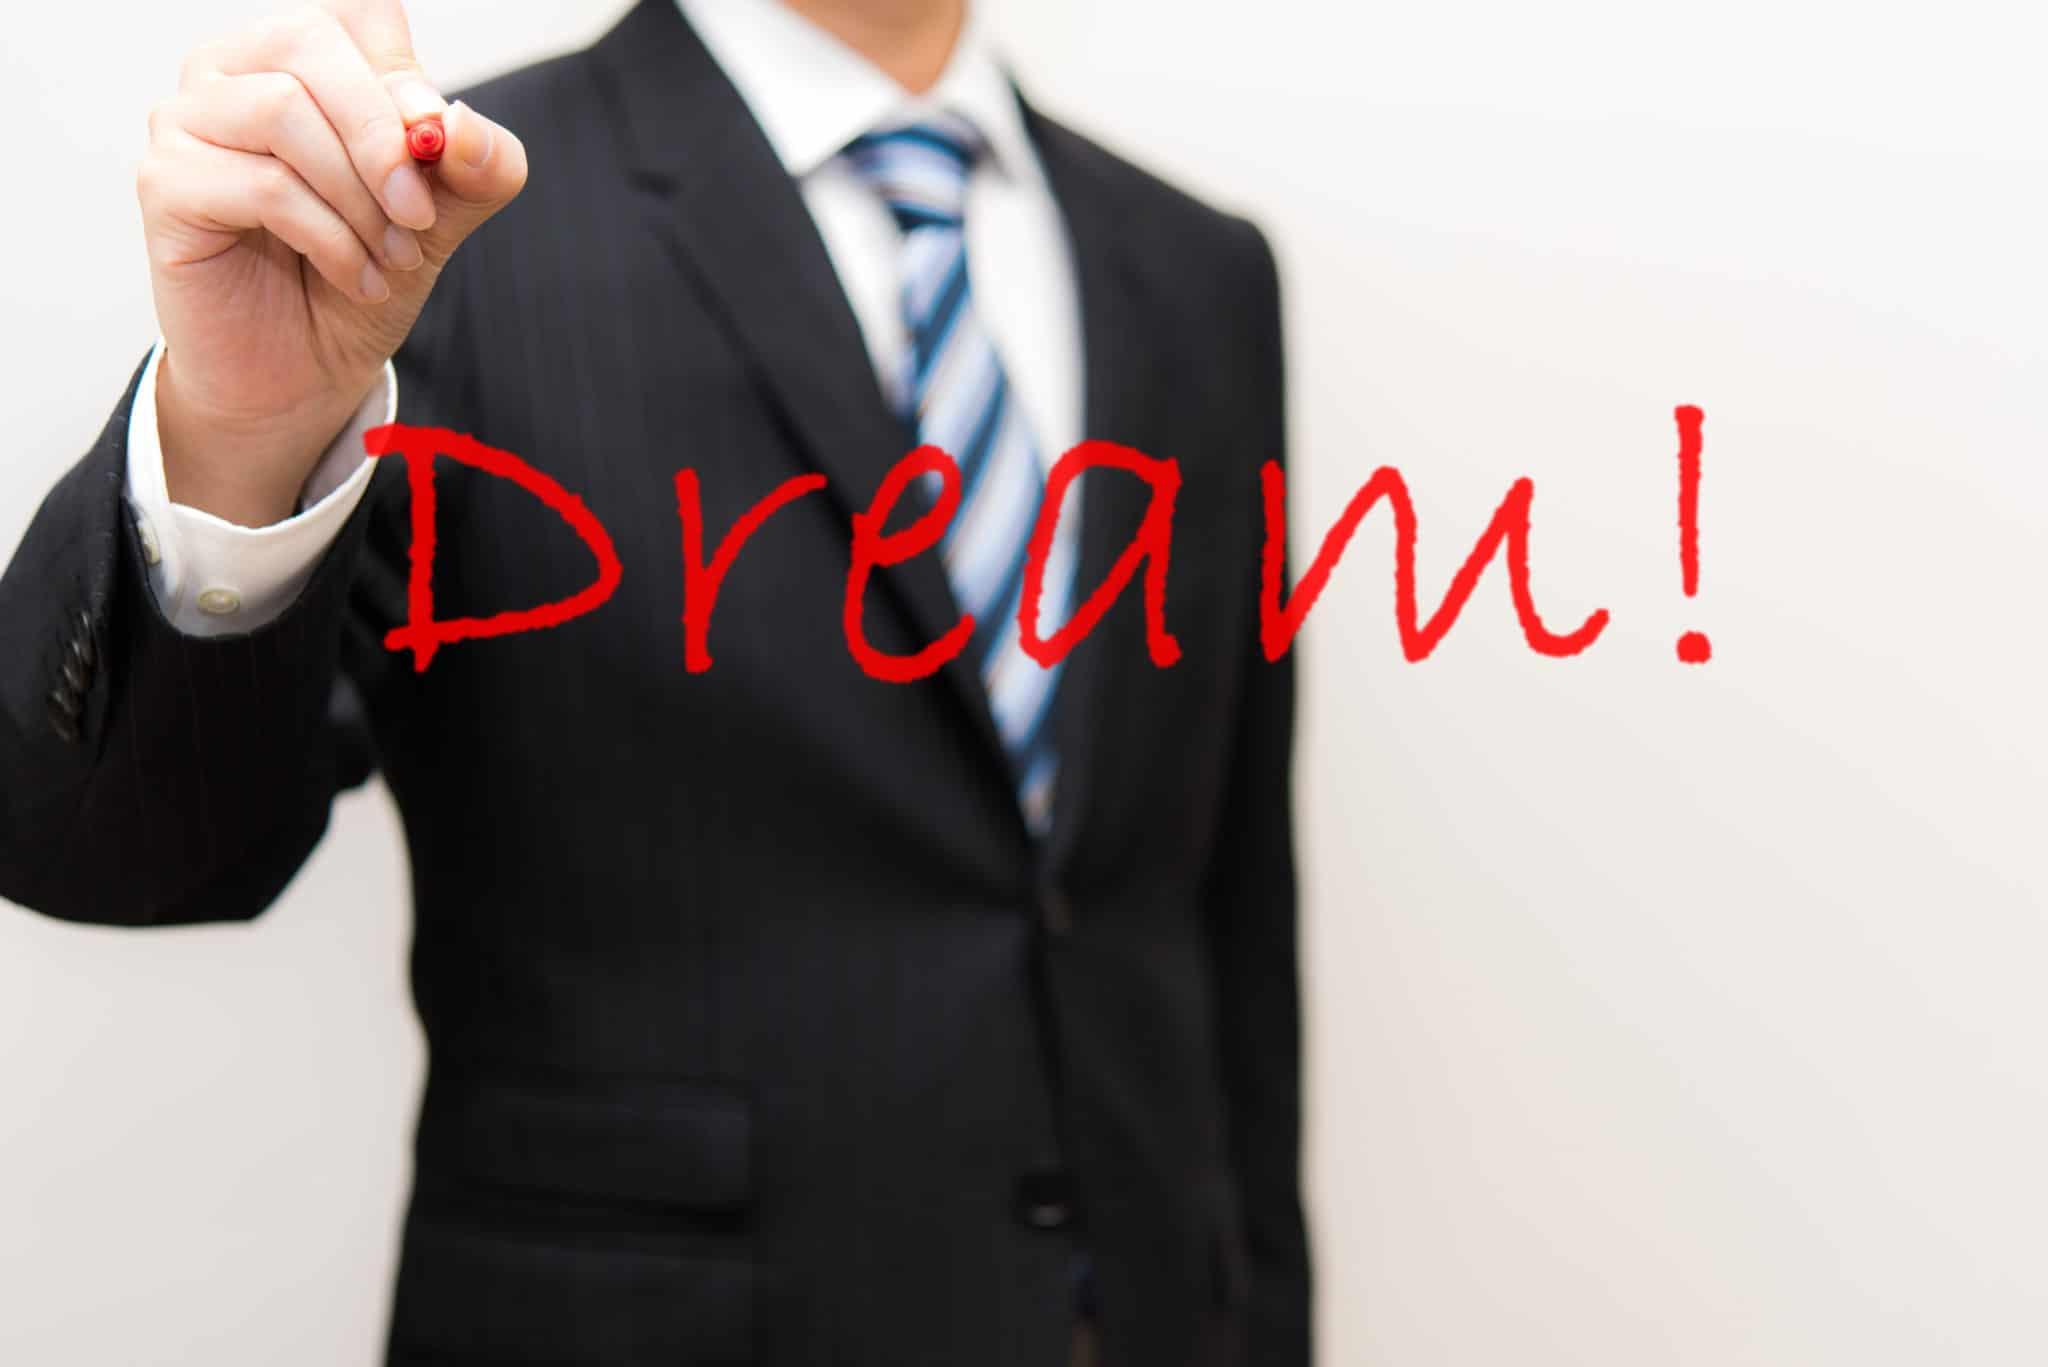 海外大学に進学するメリット③:就職先の選択肢が広がる